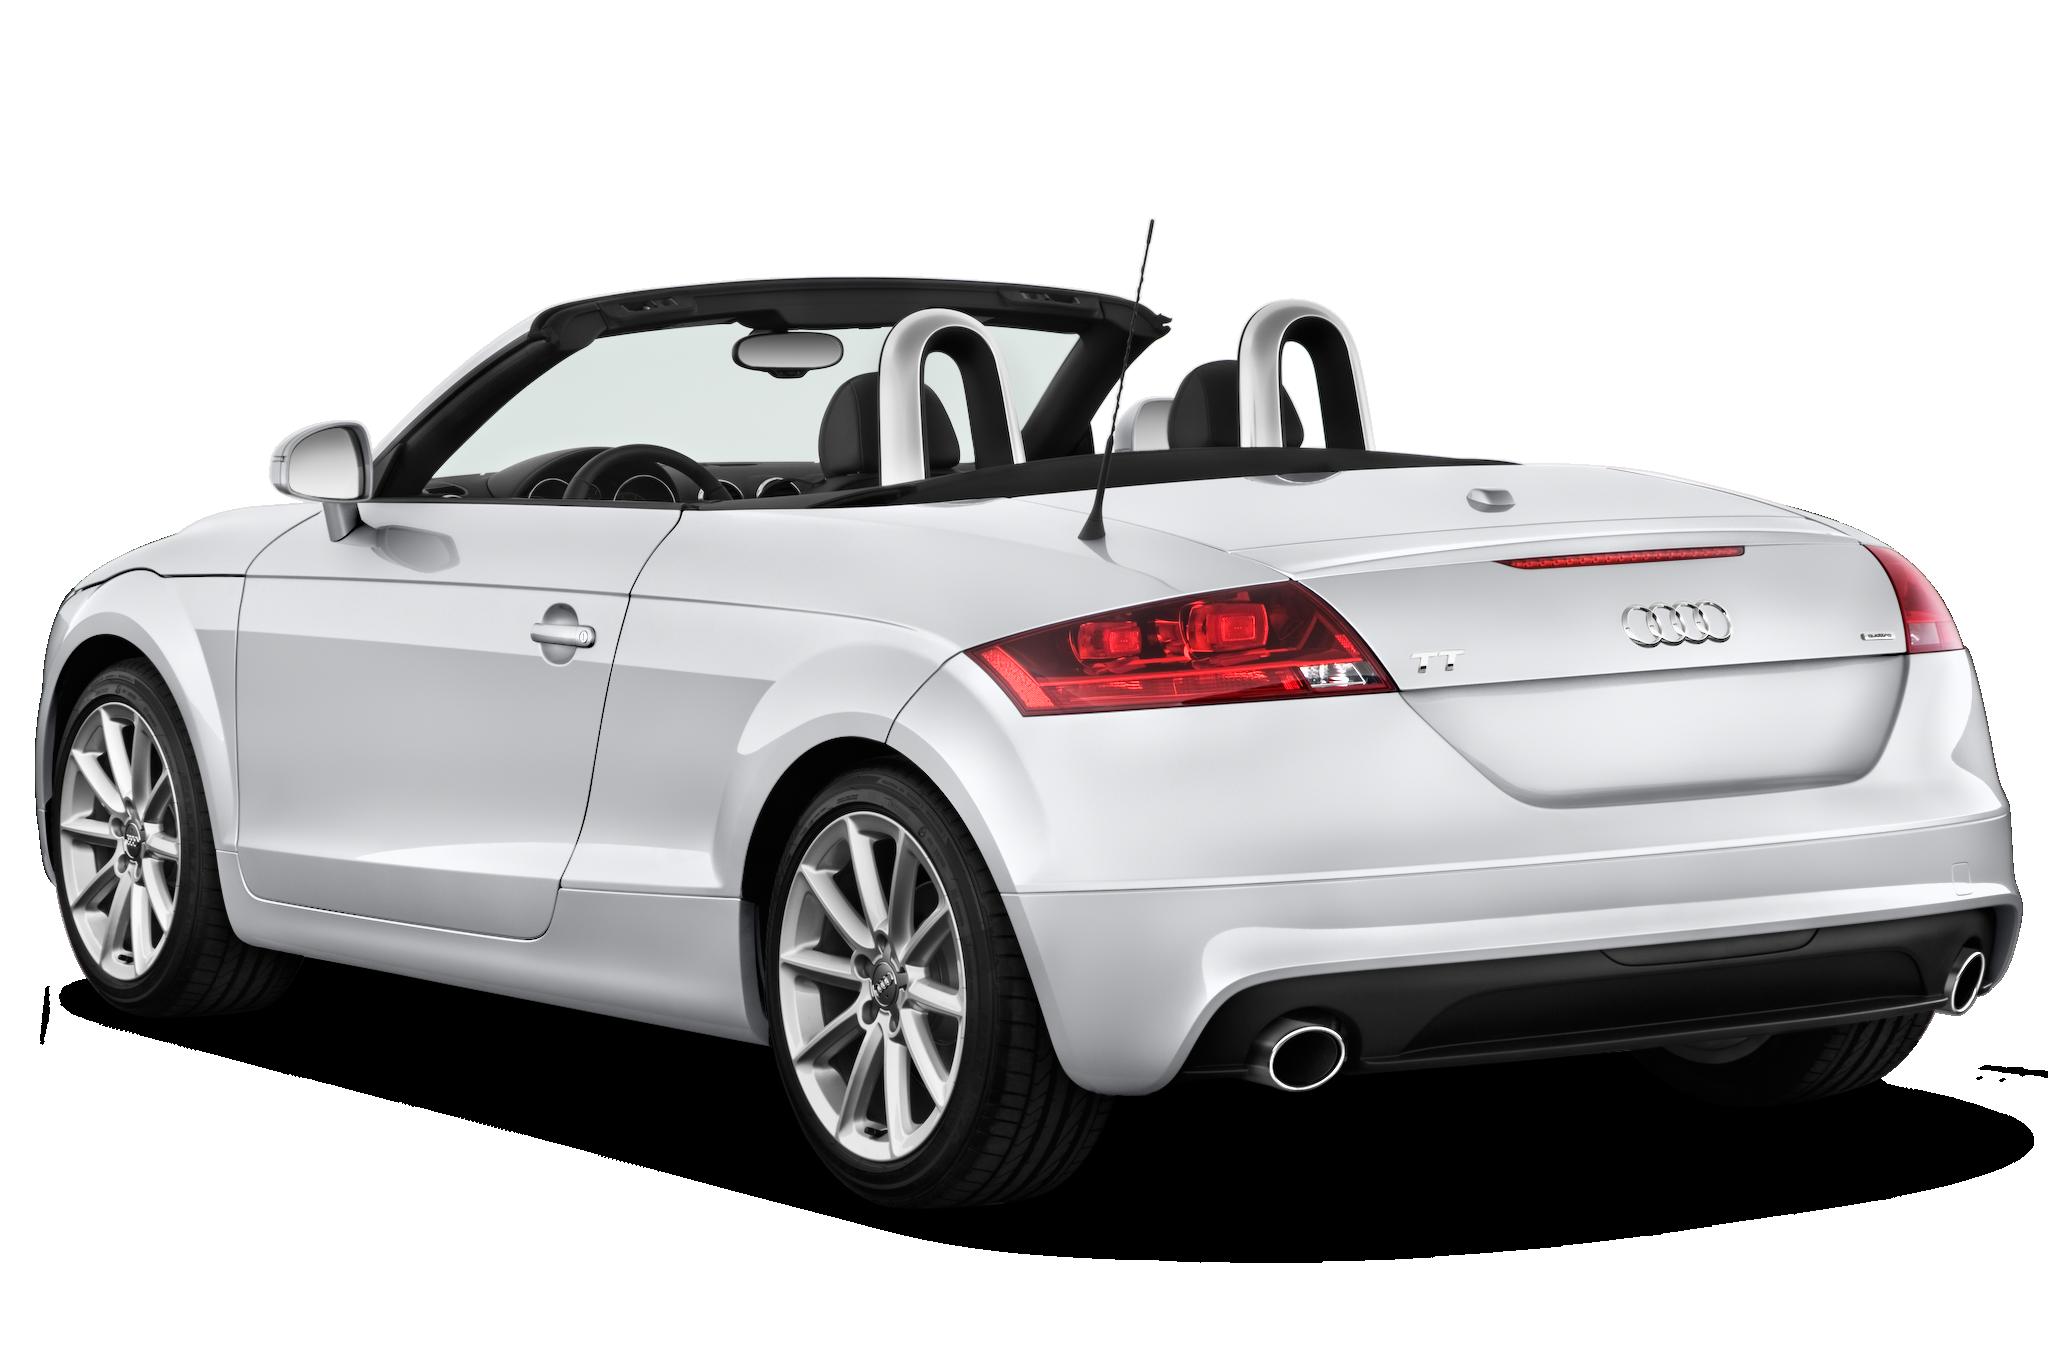 Bảo hiểm VCX cho xe ô tô Audi TT